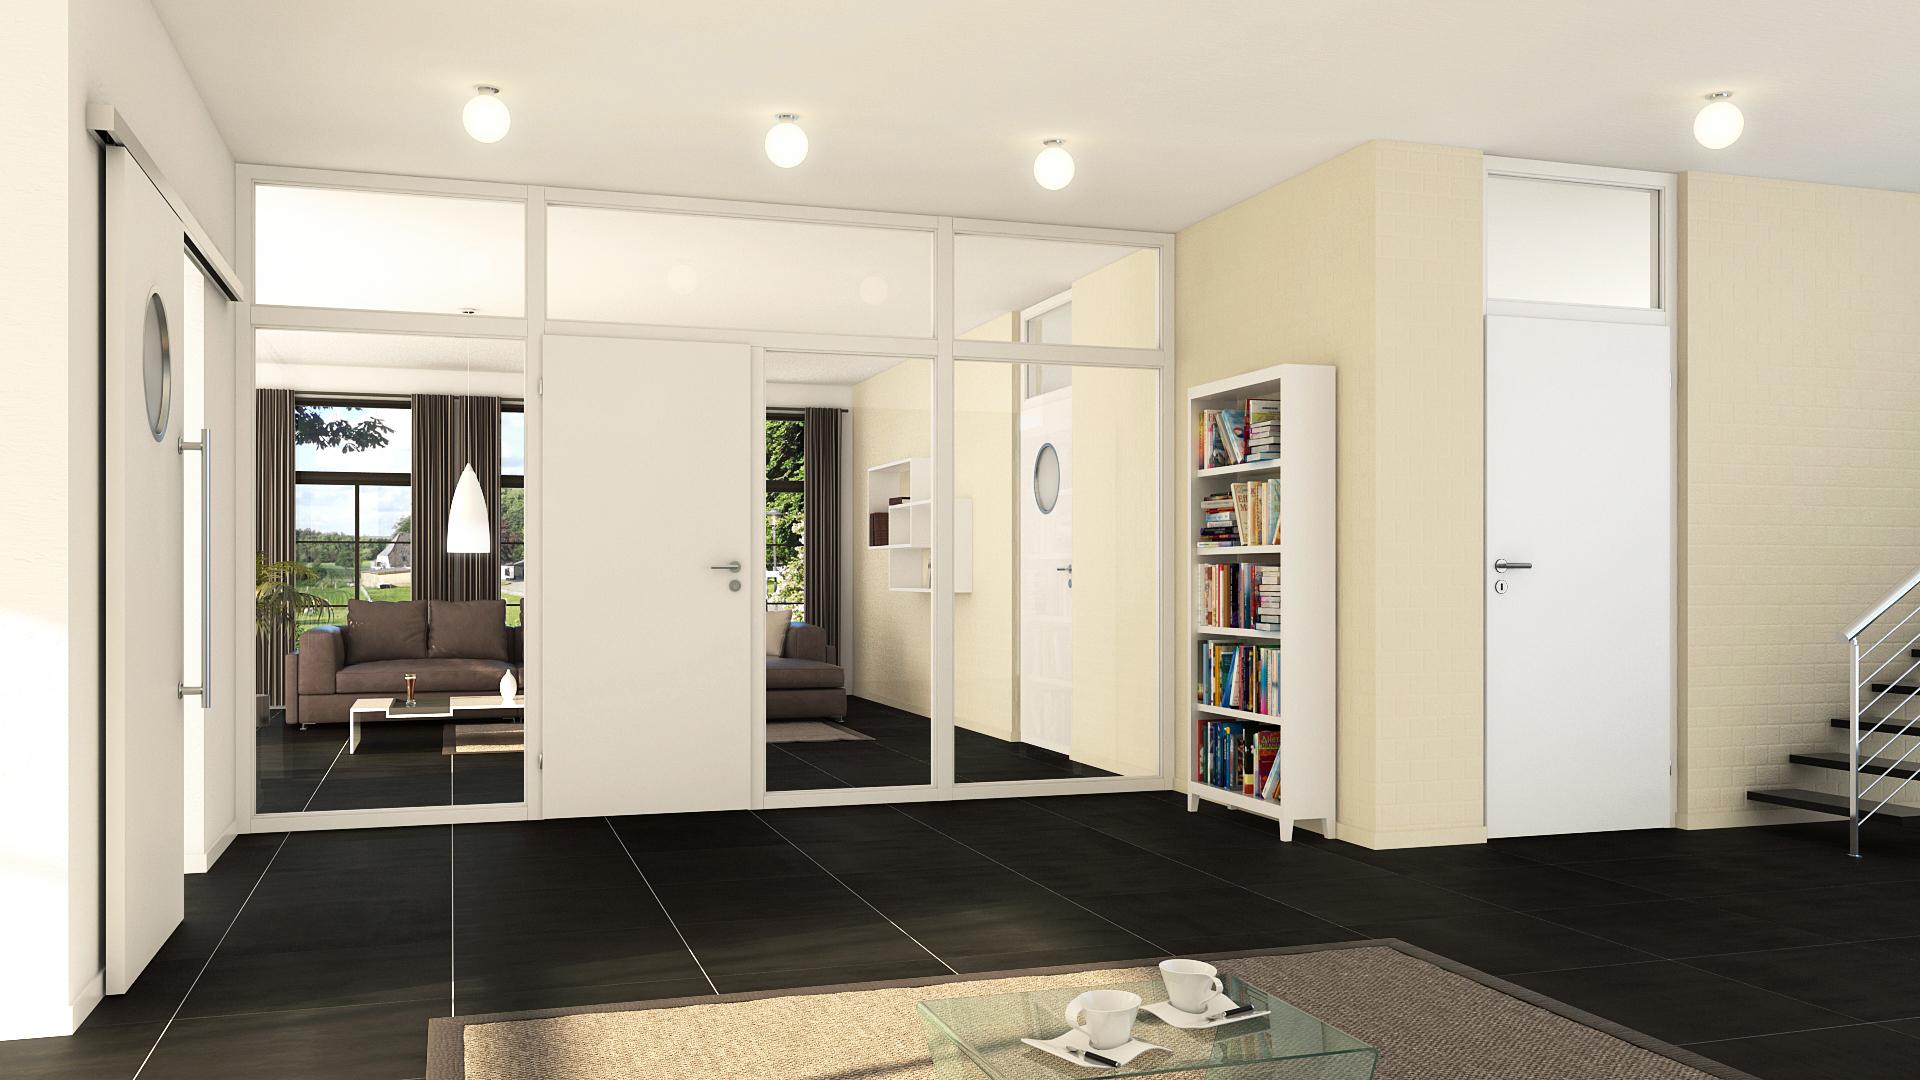 Zimmertüren modern dunkel  Türentrends 2015: Innentüren werden zu wichtigen ...